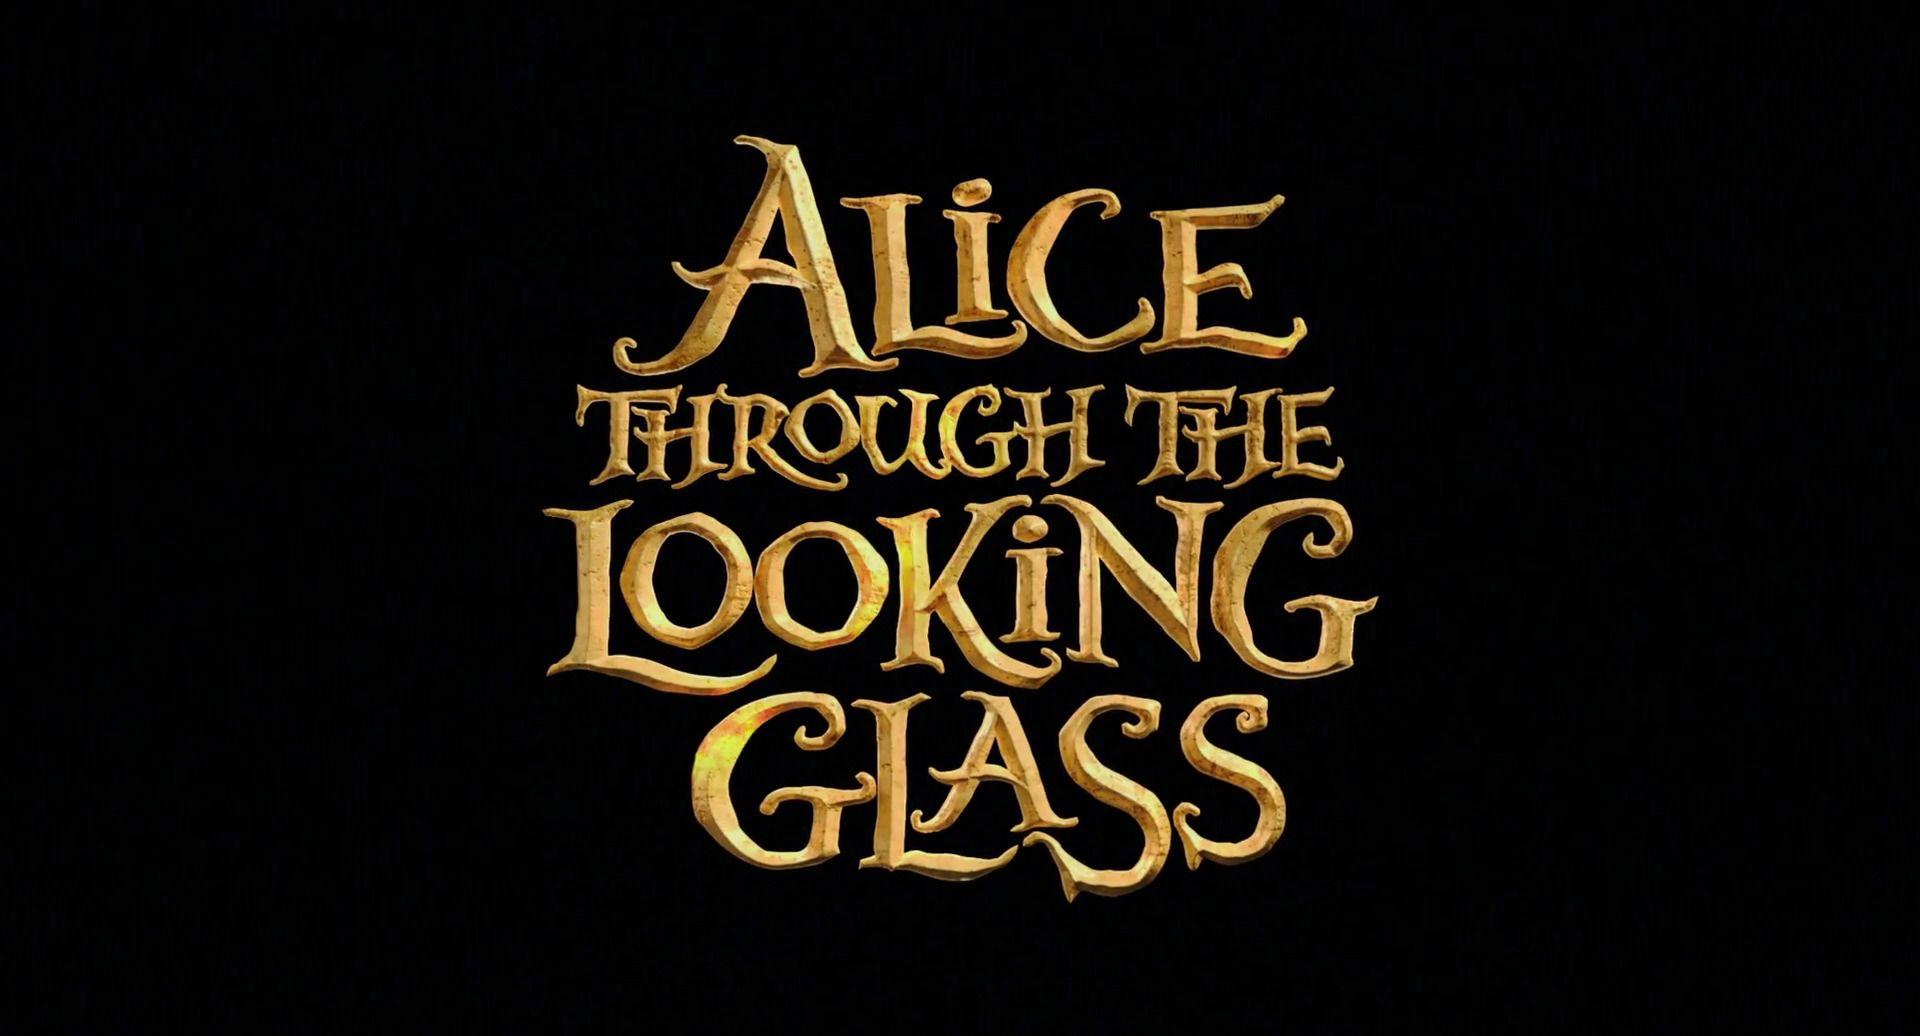 Картинки по запросу alice through the looking glass title